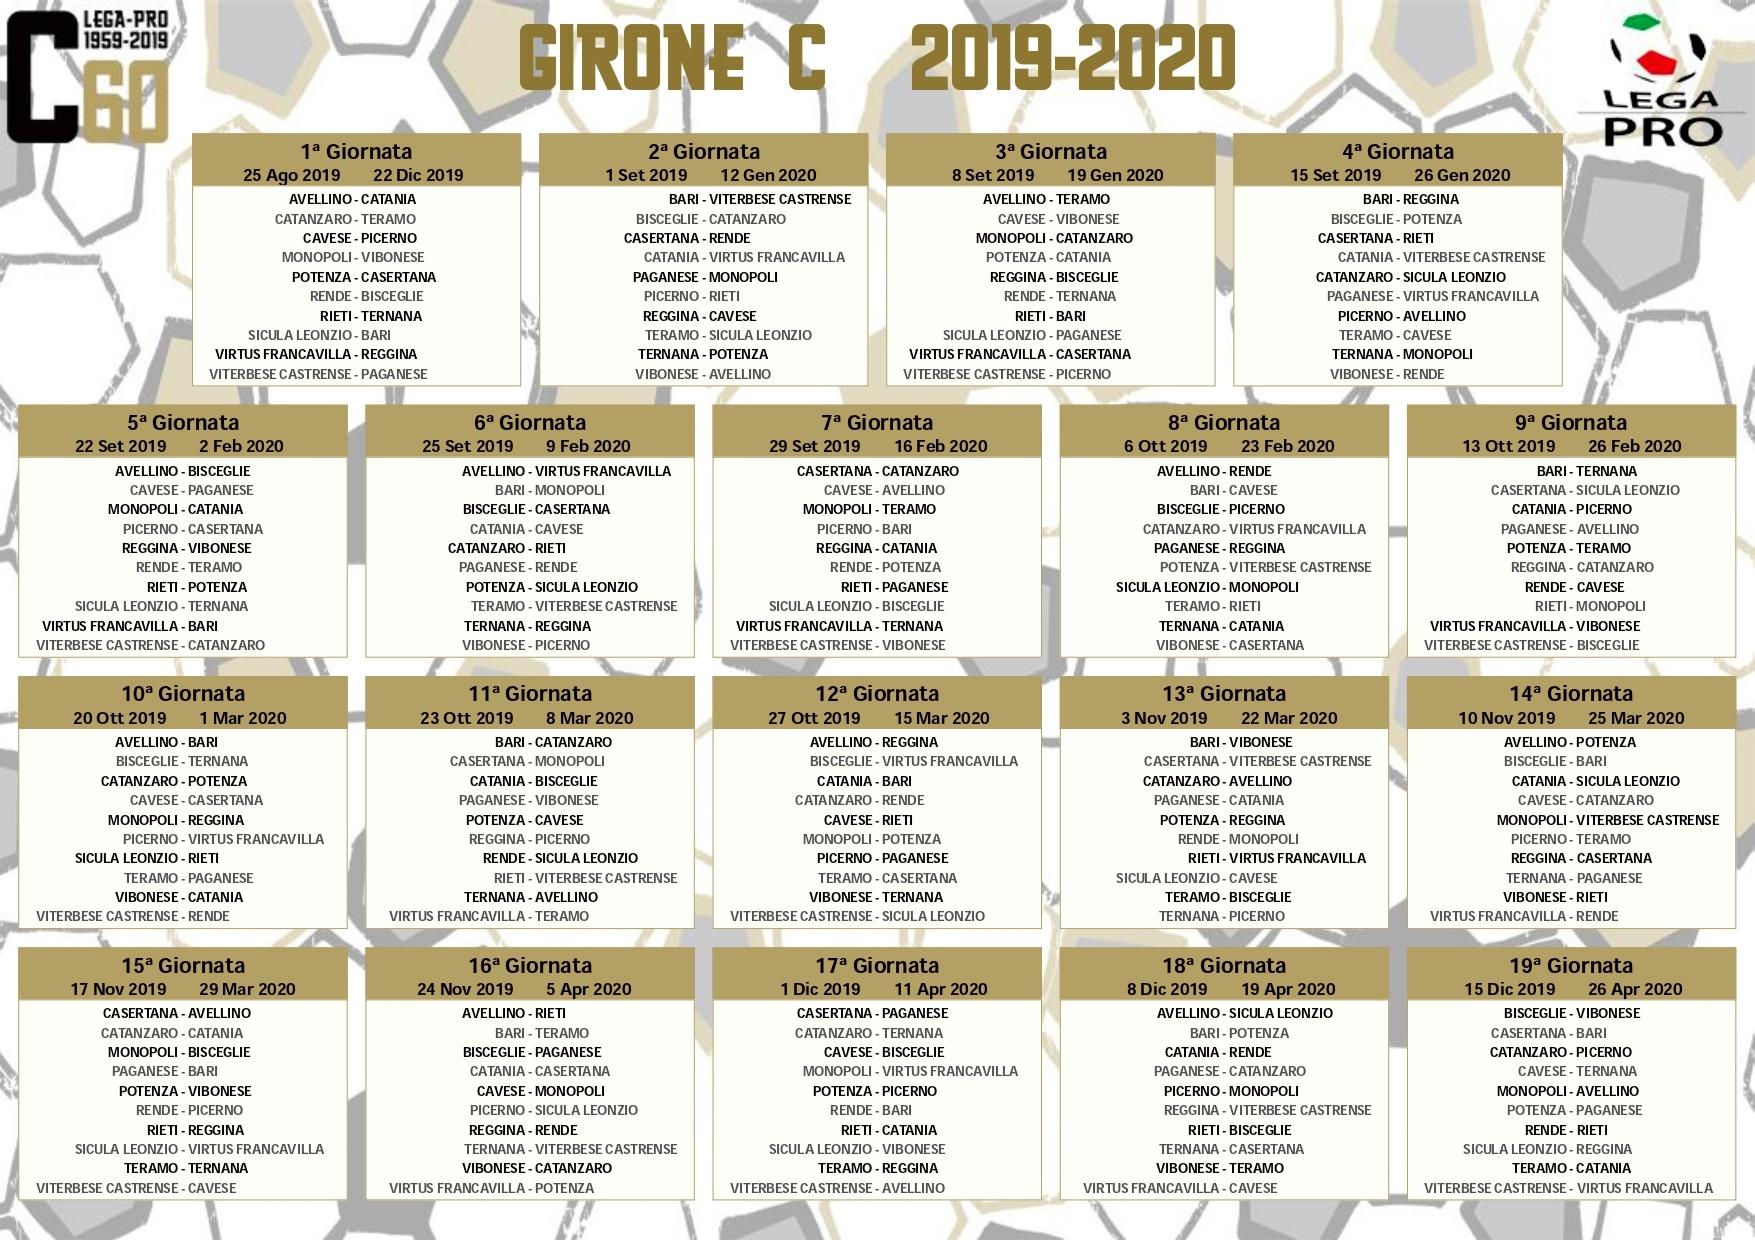 Calendario Lega Pro Girone B Orari.Ternana Il Calendario Del Campionato 2019 2020 Dei Rossoverdi